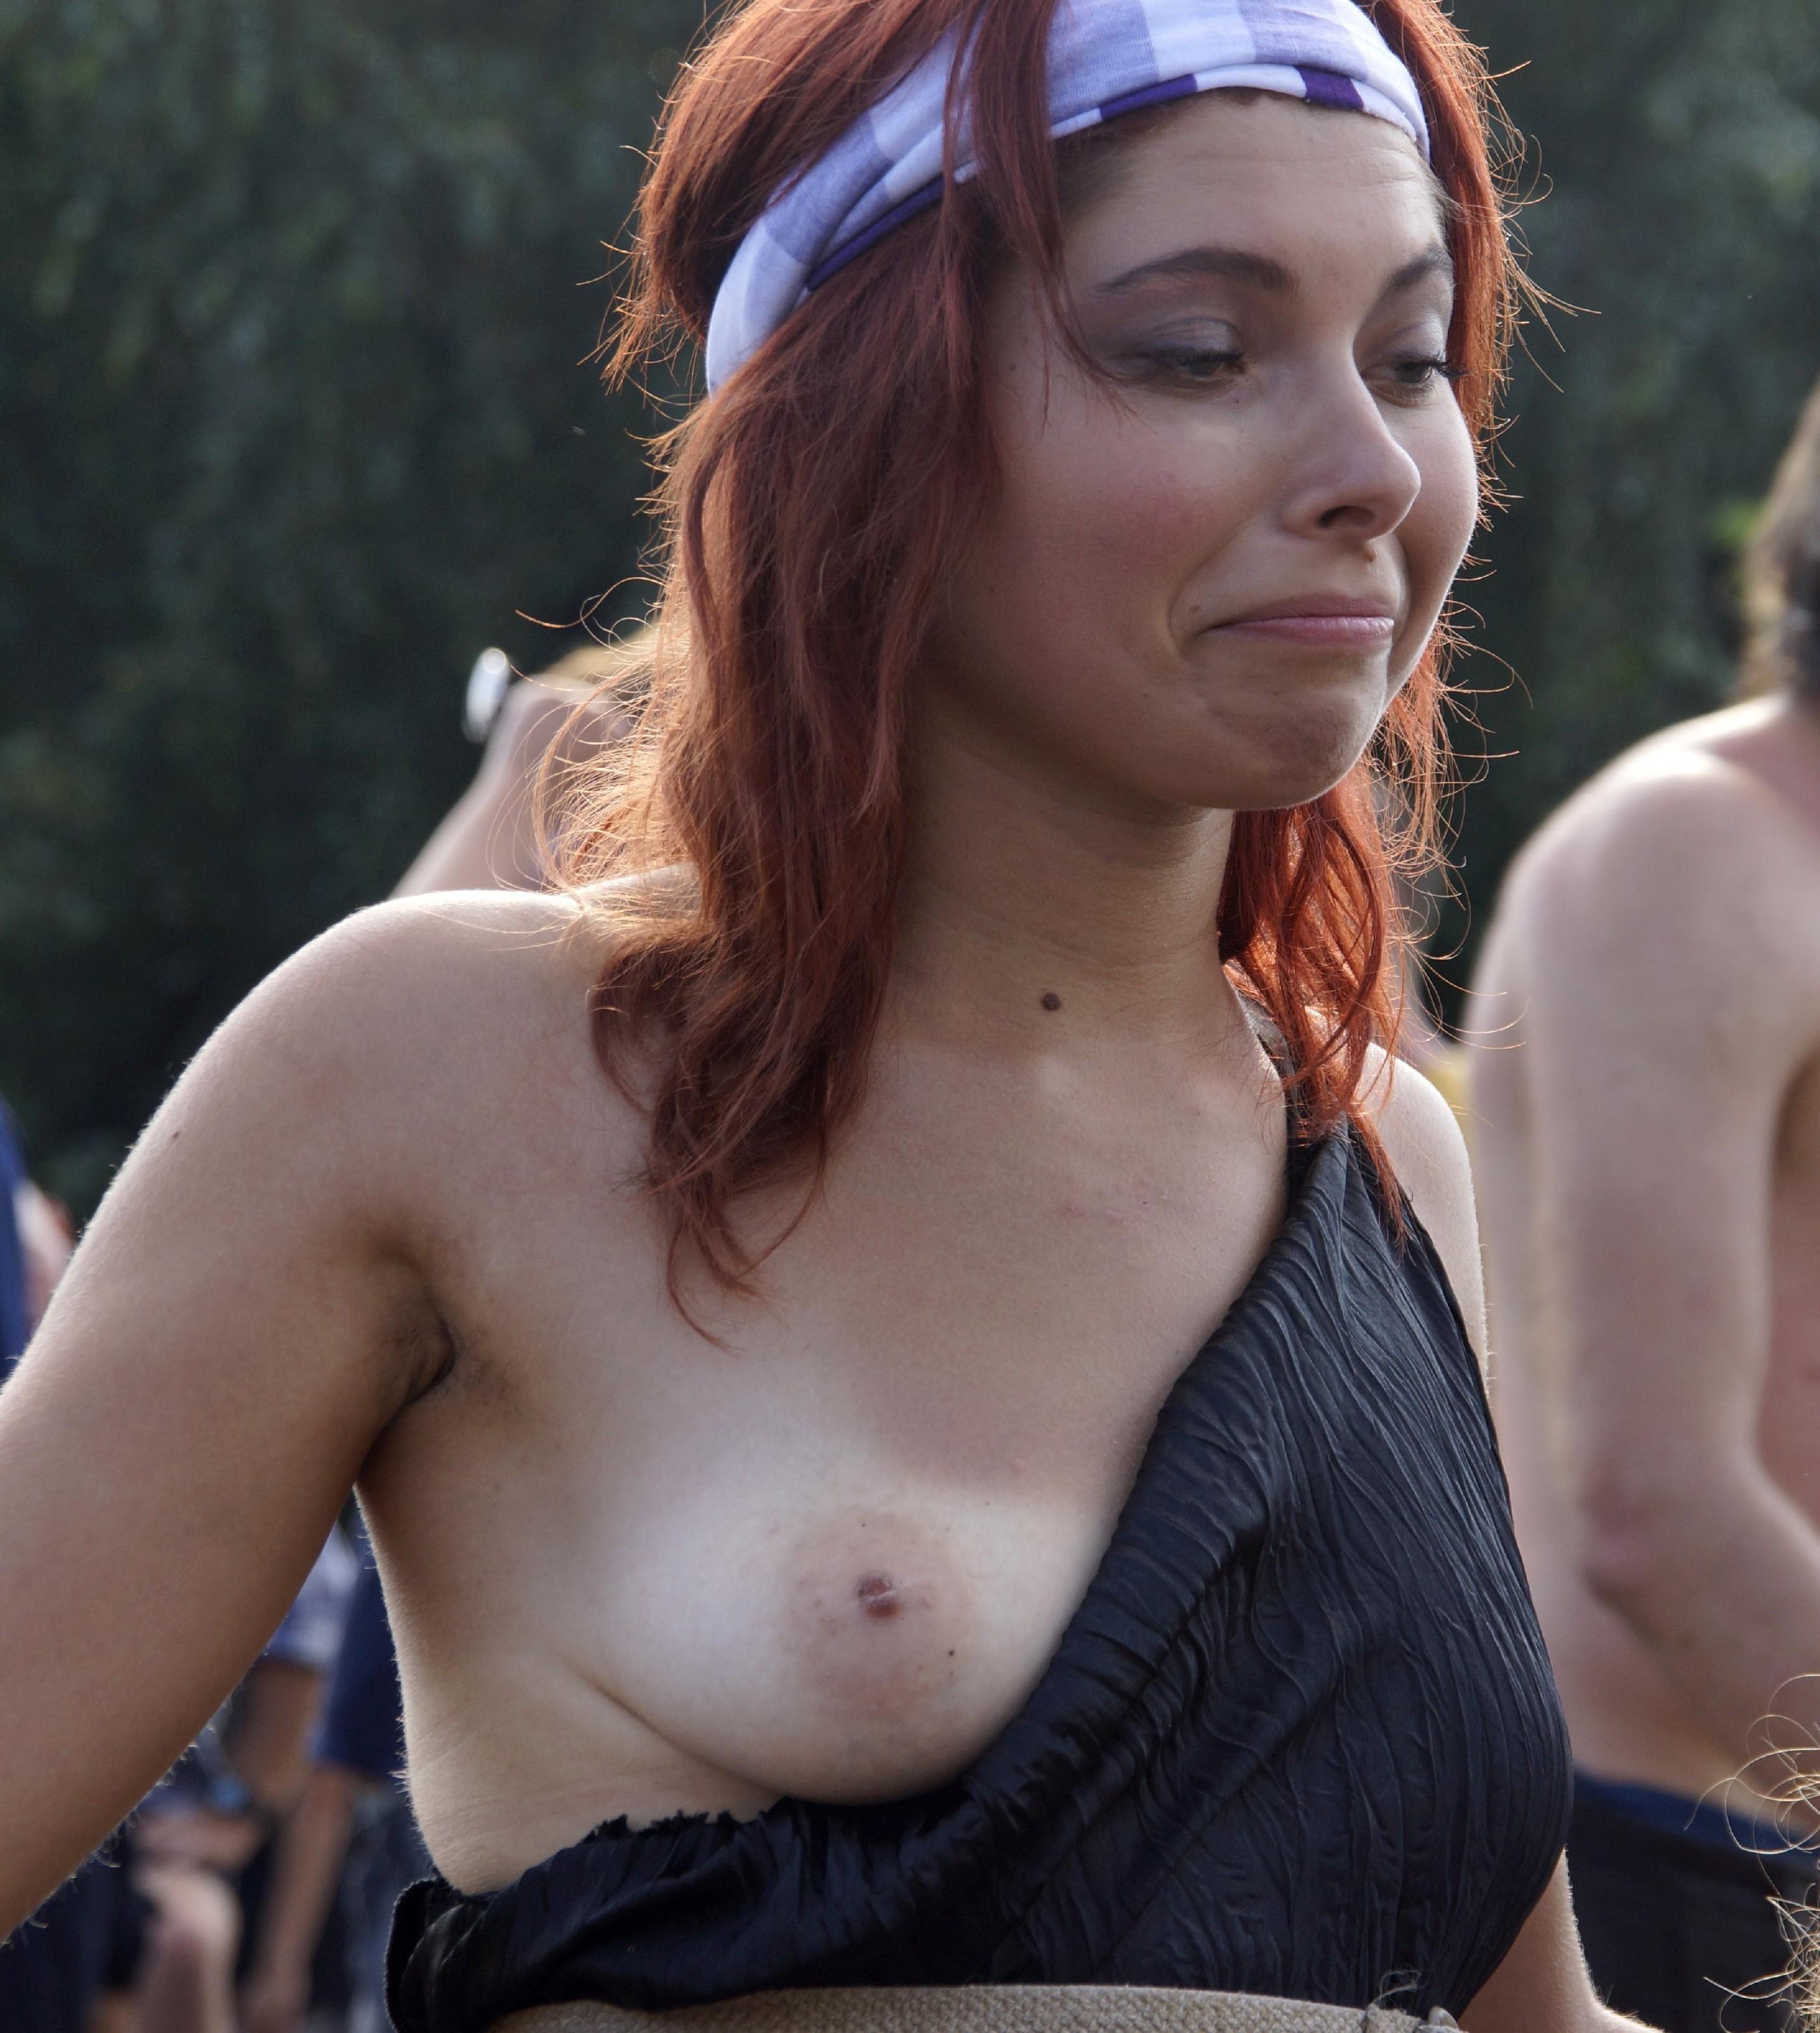 Подборка фото нудистов на пляже с голыми телами, попами и сиськами